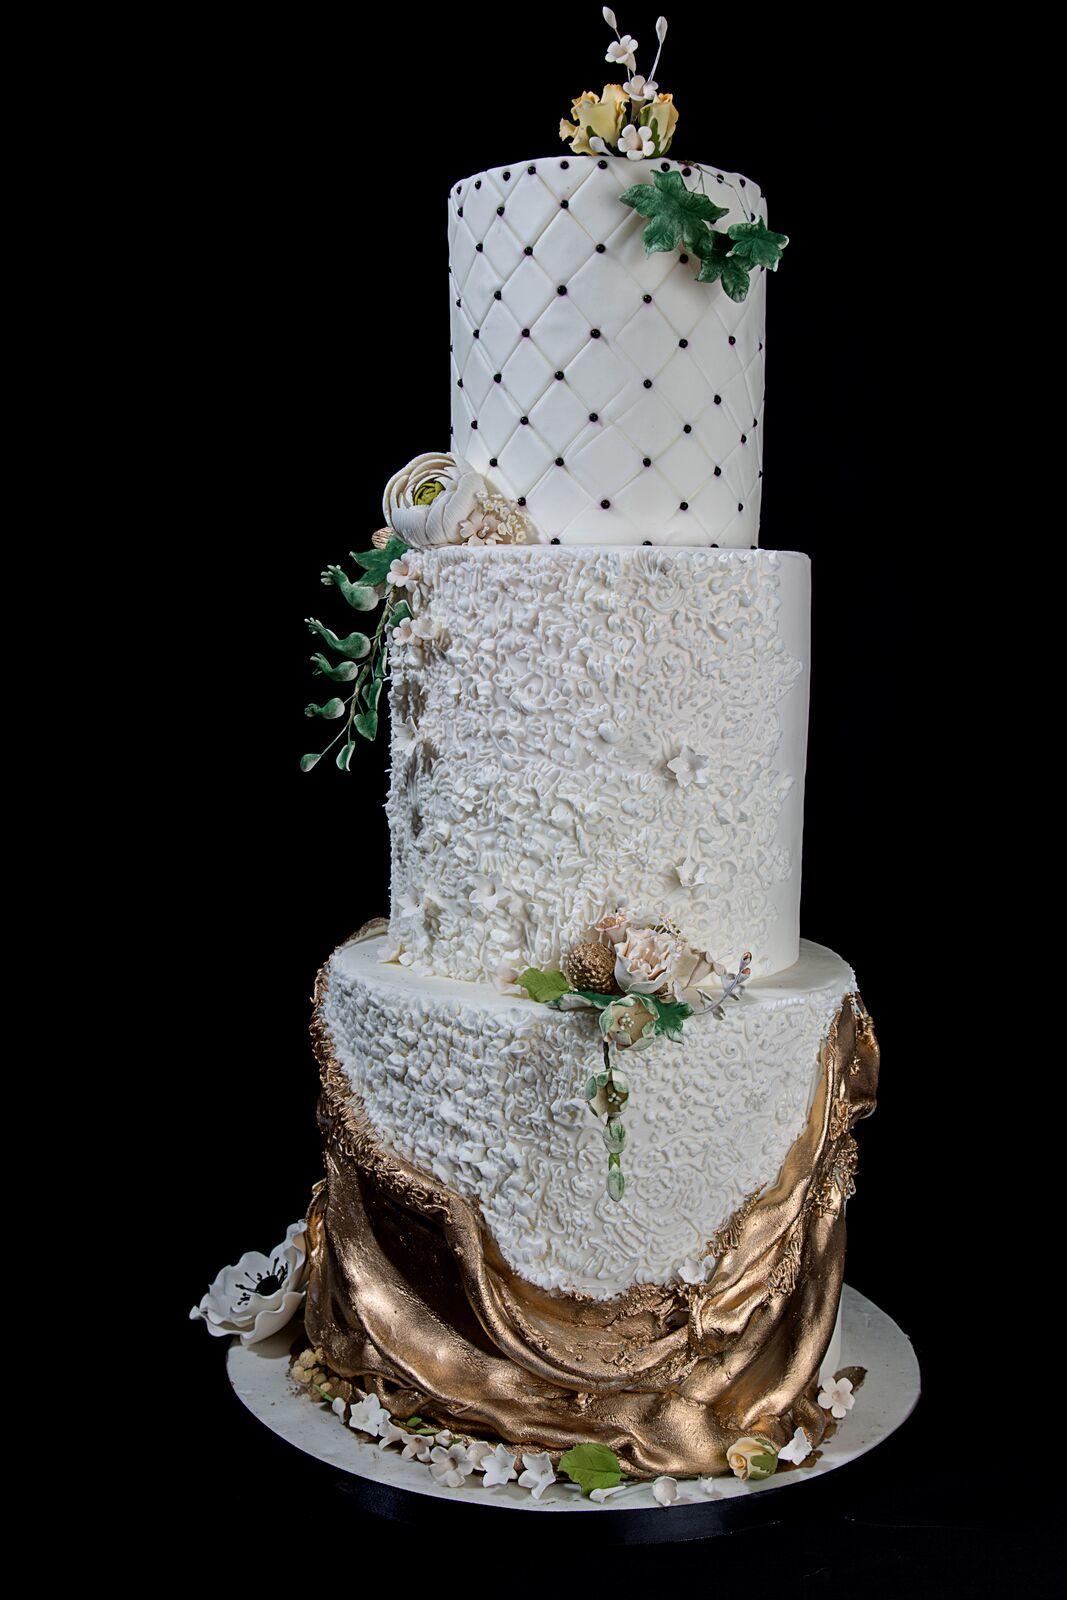 Brides-Around-the-World-Danijela-Pulcini.jpeg#asset:13753